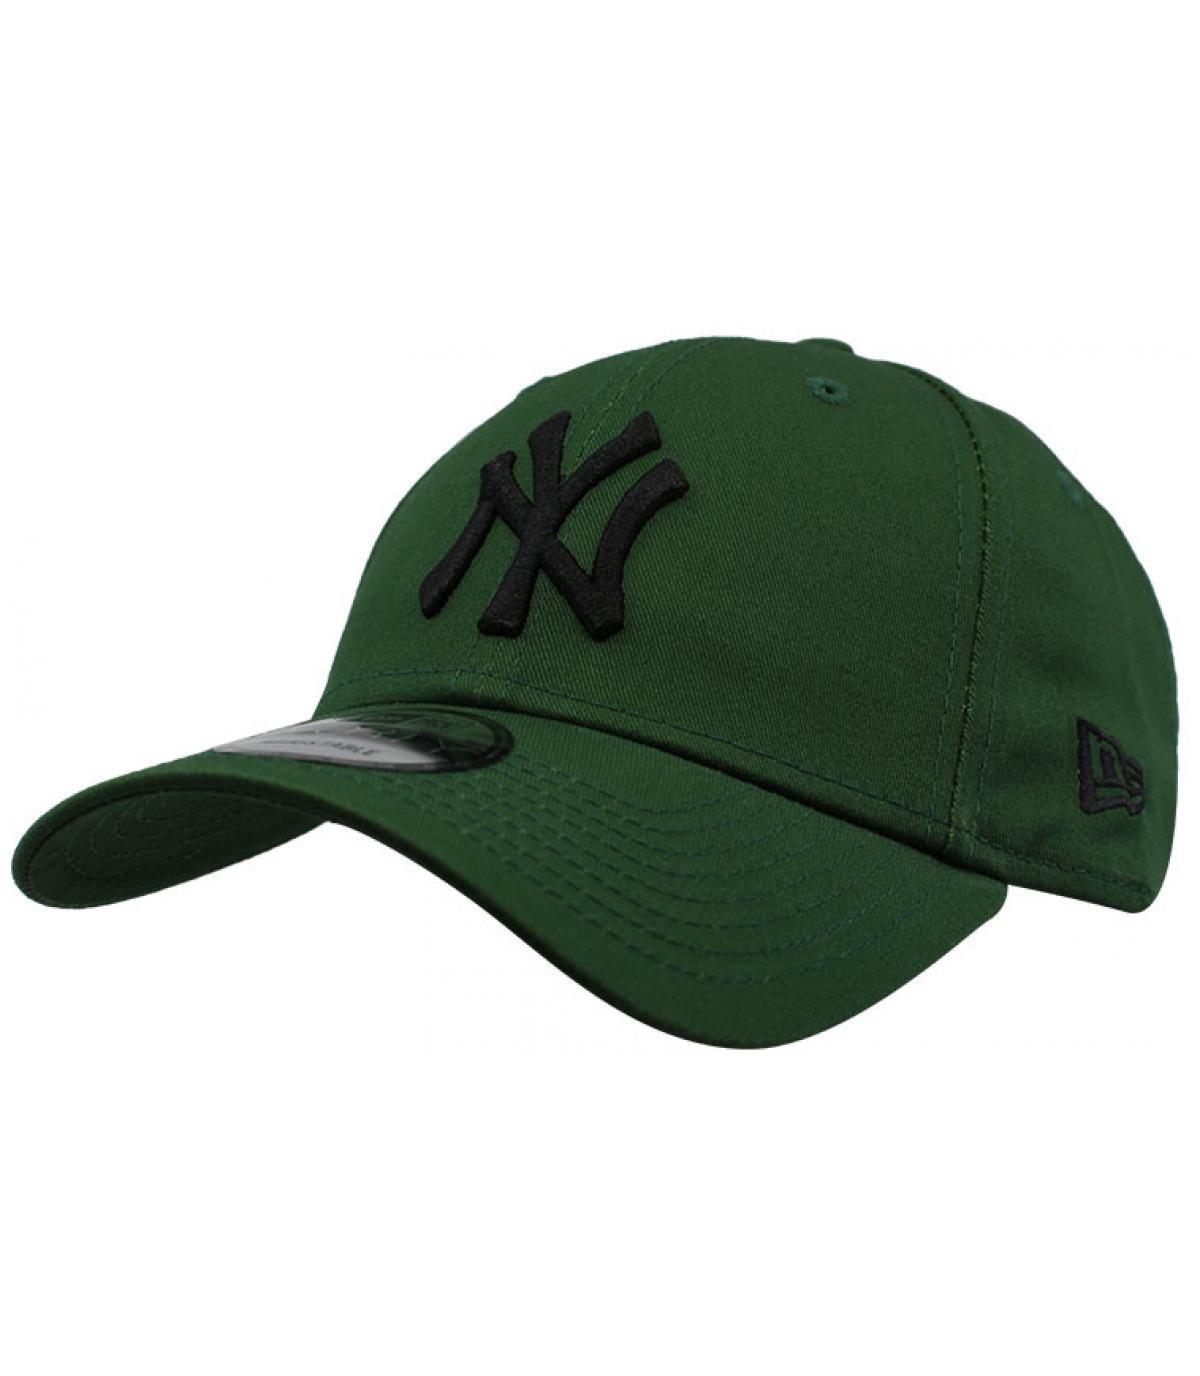 Details Cap League Ess NY 940 hooley green black - Abbildung 2